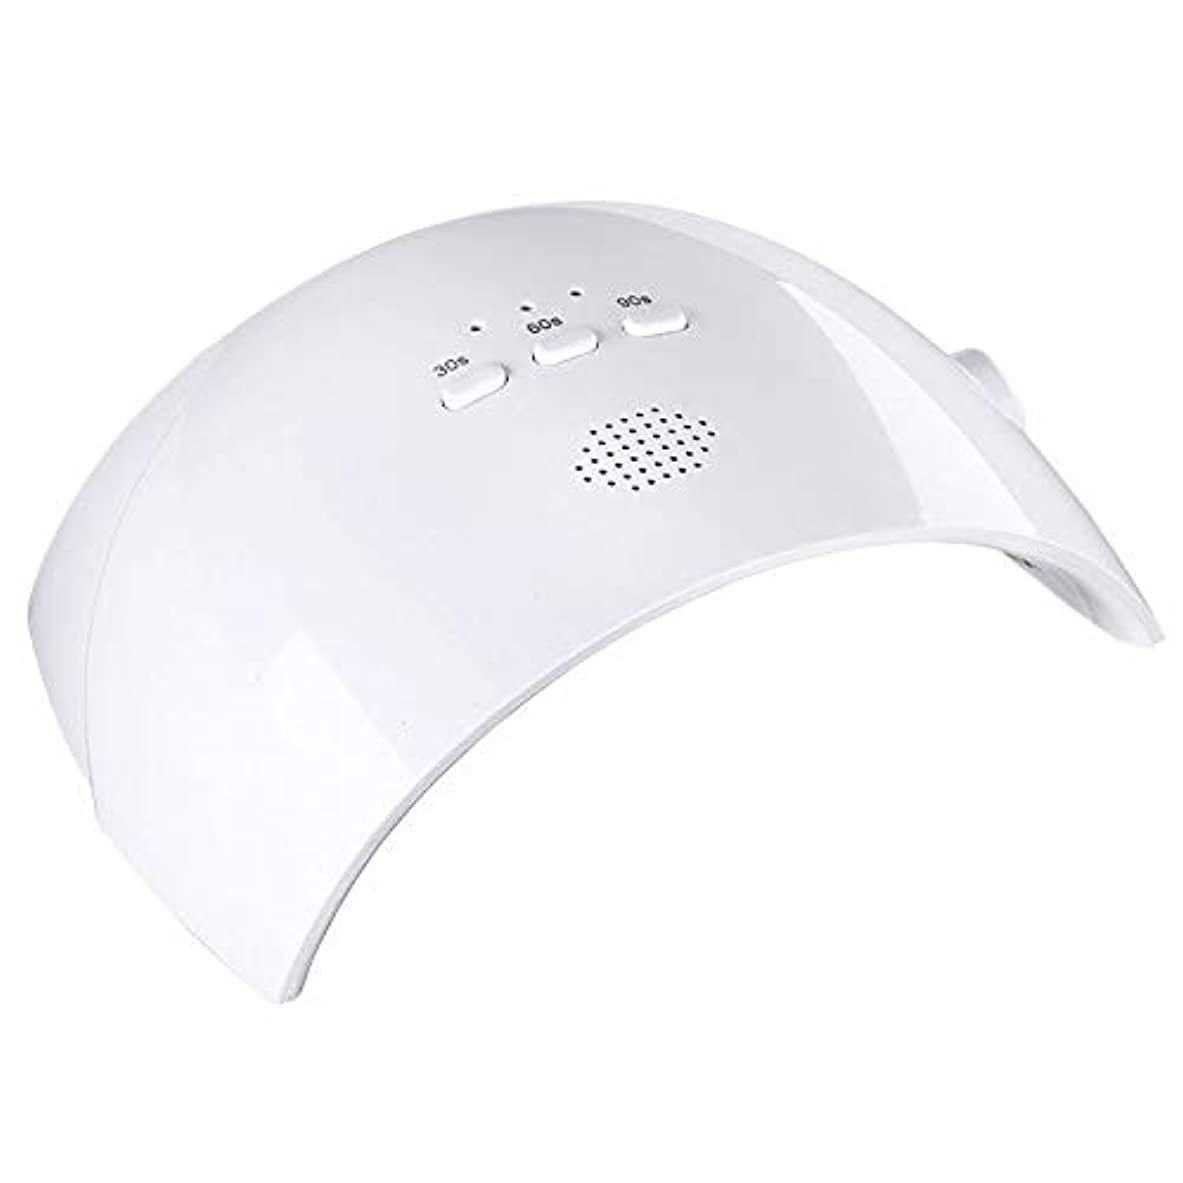 非難する想定する服ネイルライト、3タイマー設定付き36W UV LEDジェルネイルドライヤー - プロフェッショナルジェルネイルポリッシュランプ